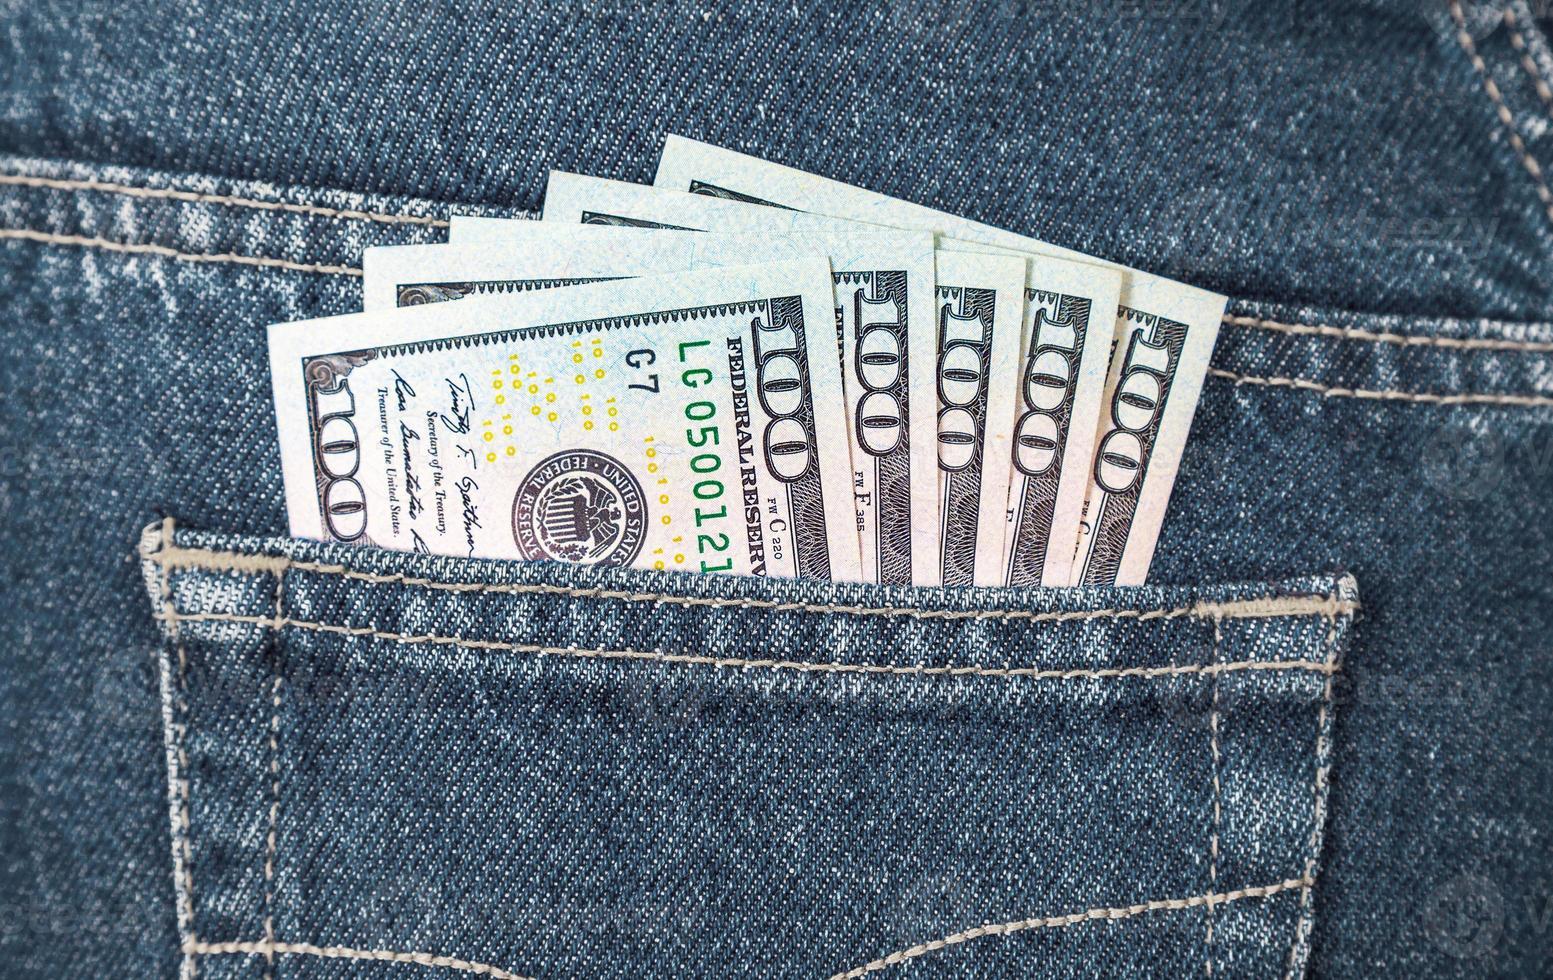 notas de dólares americanos no bolso de trás da calça jeans foto